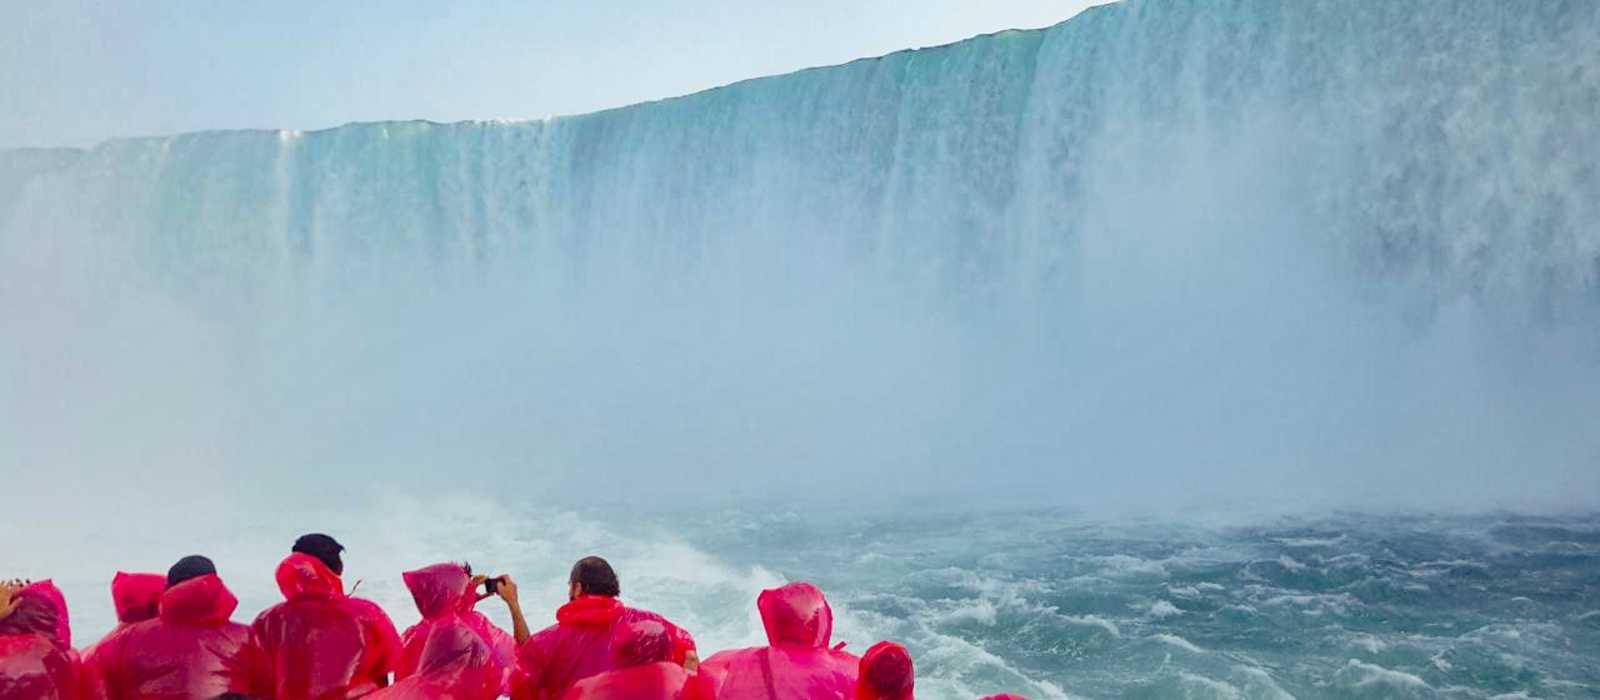 Hornblower Niagara Cruise